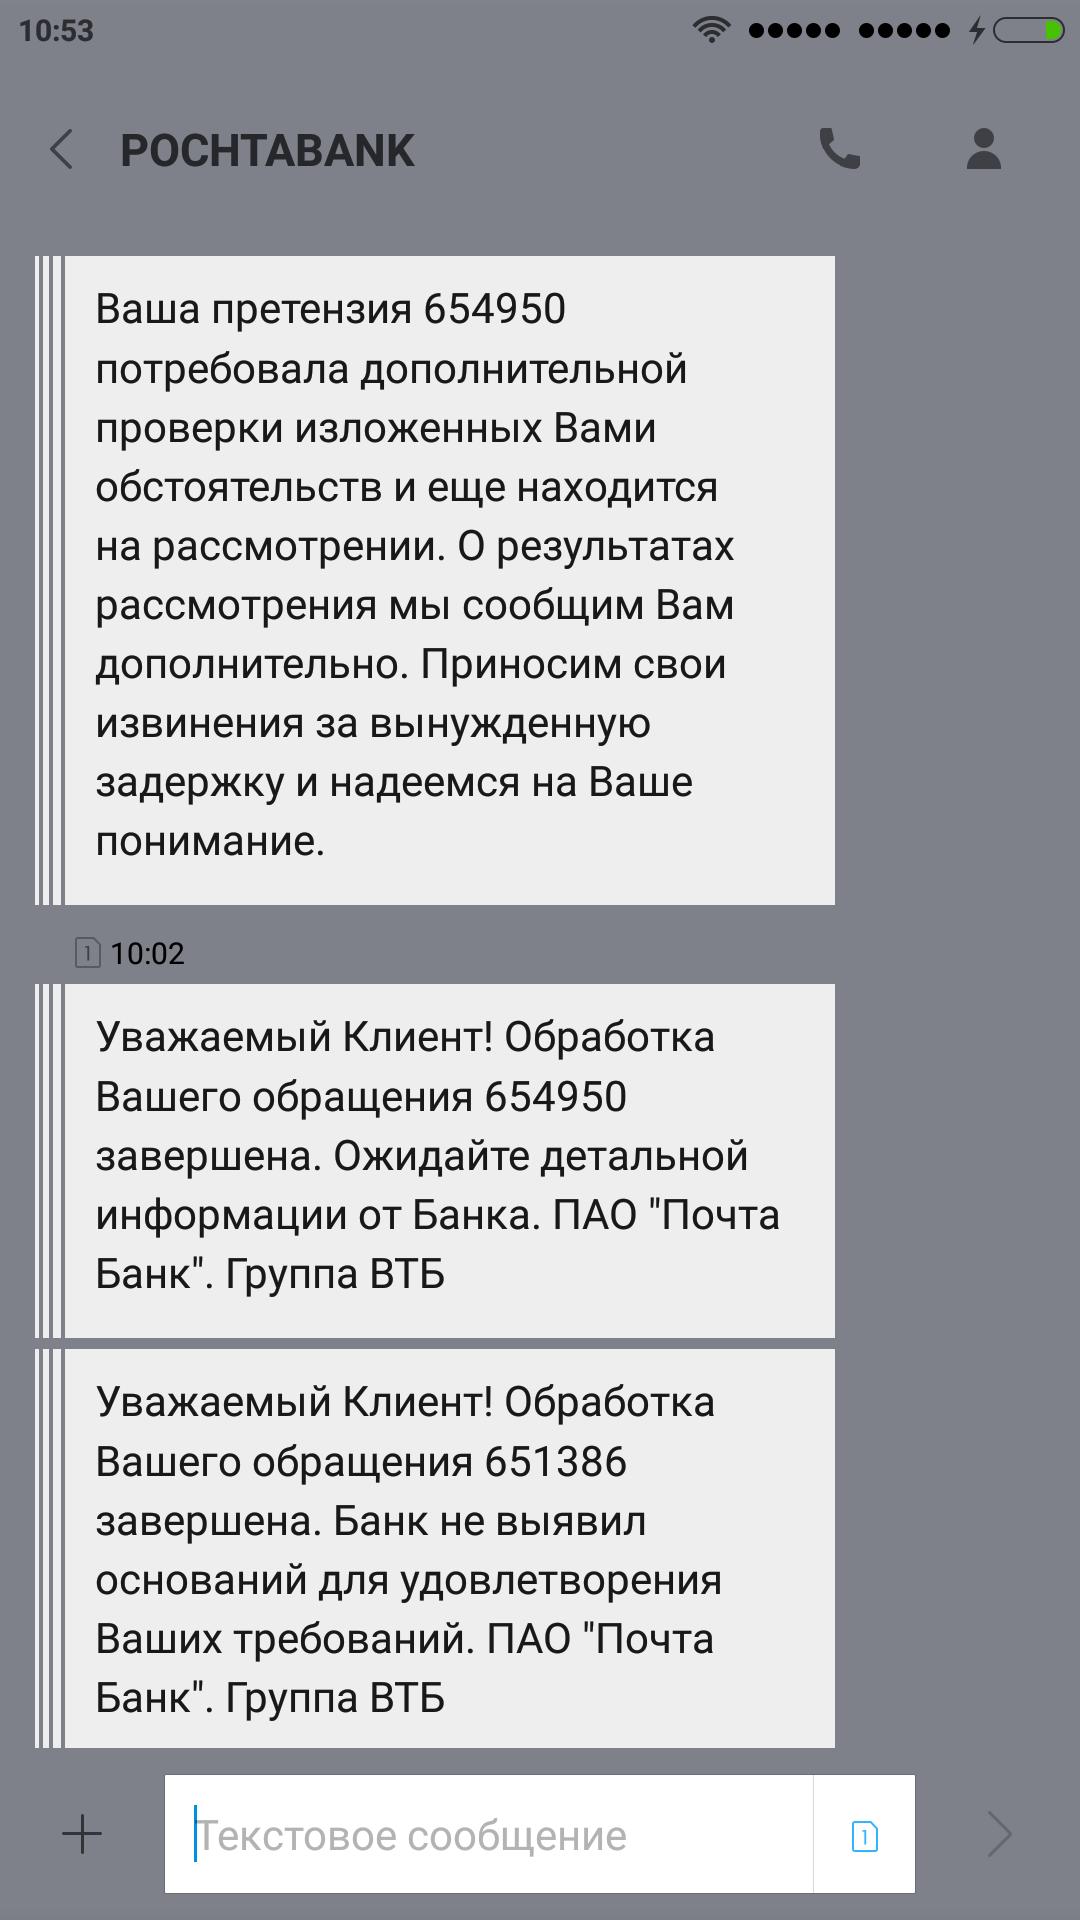 как оплатить кредит почта банк через втб 24 какое место занимает россия в европе